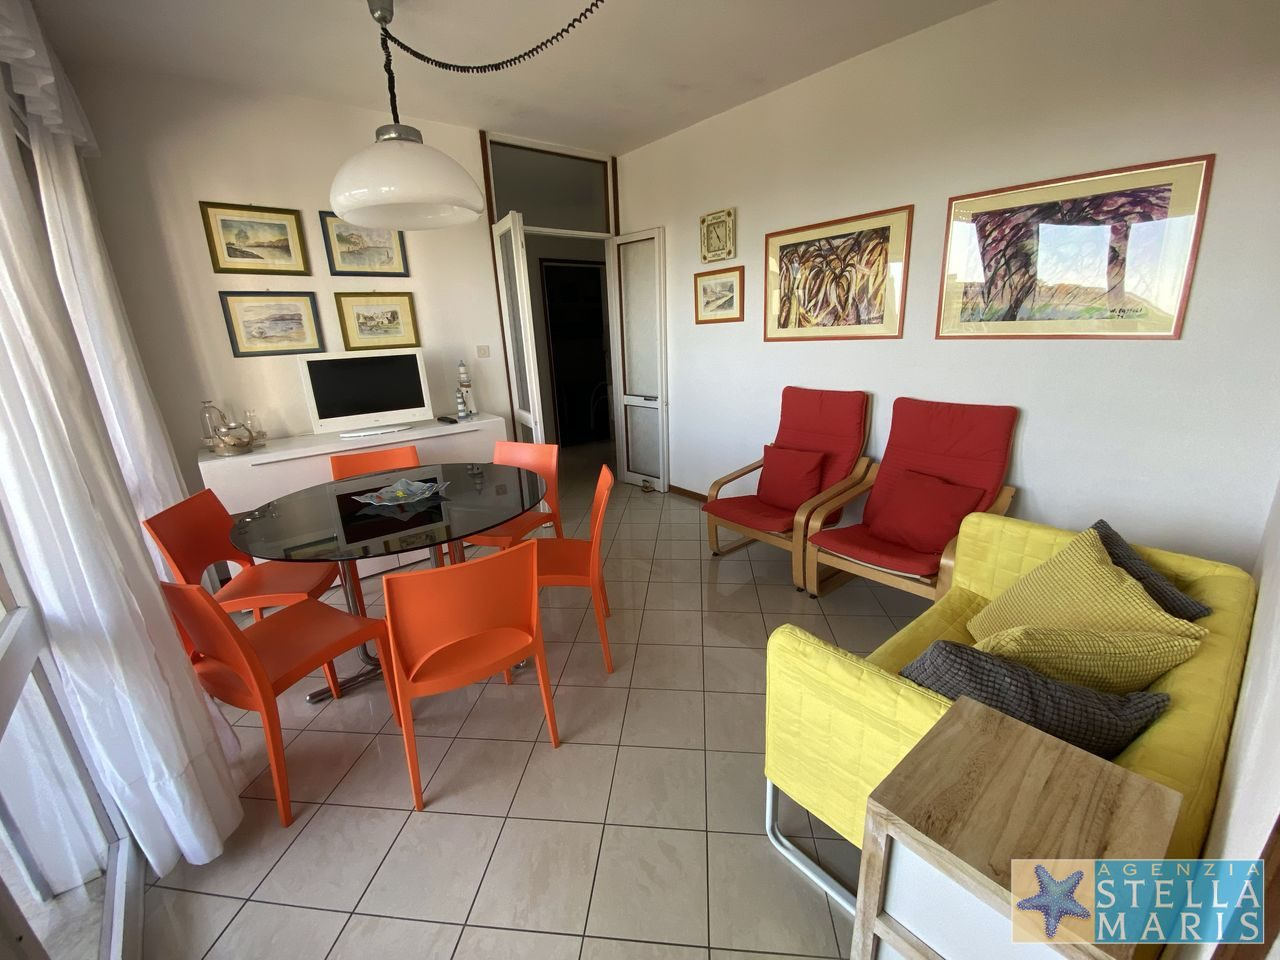 030_Palazzo_Del_Sole_16_Lignano